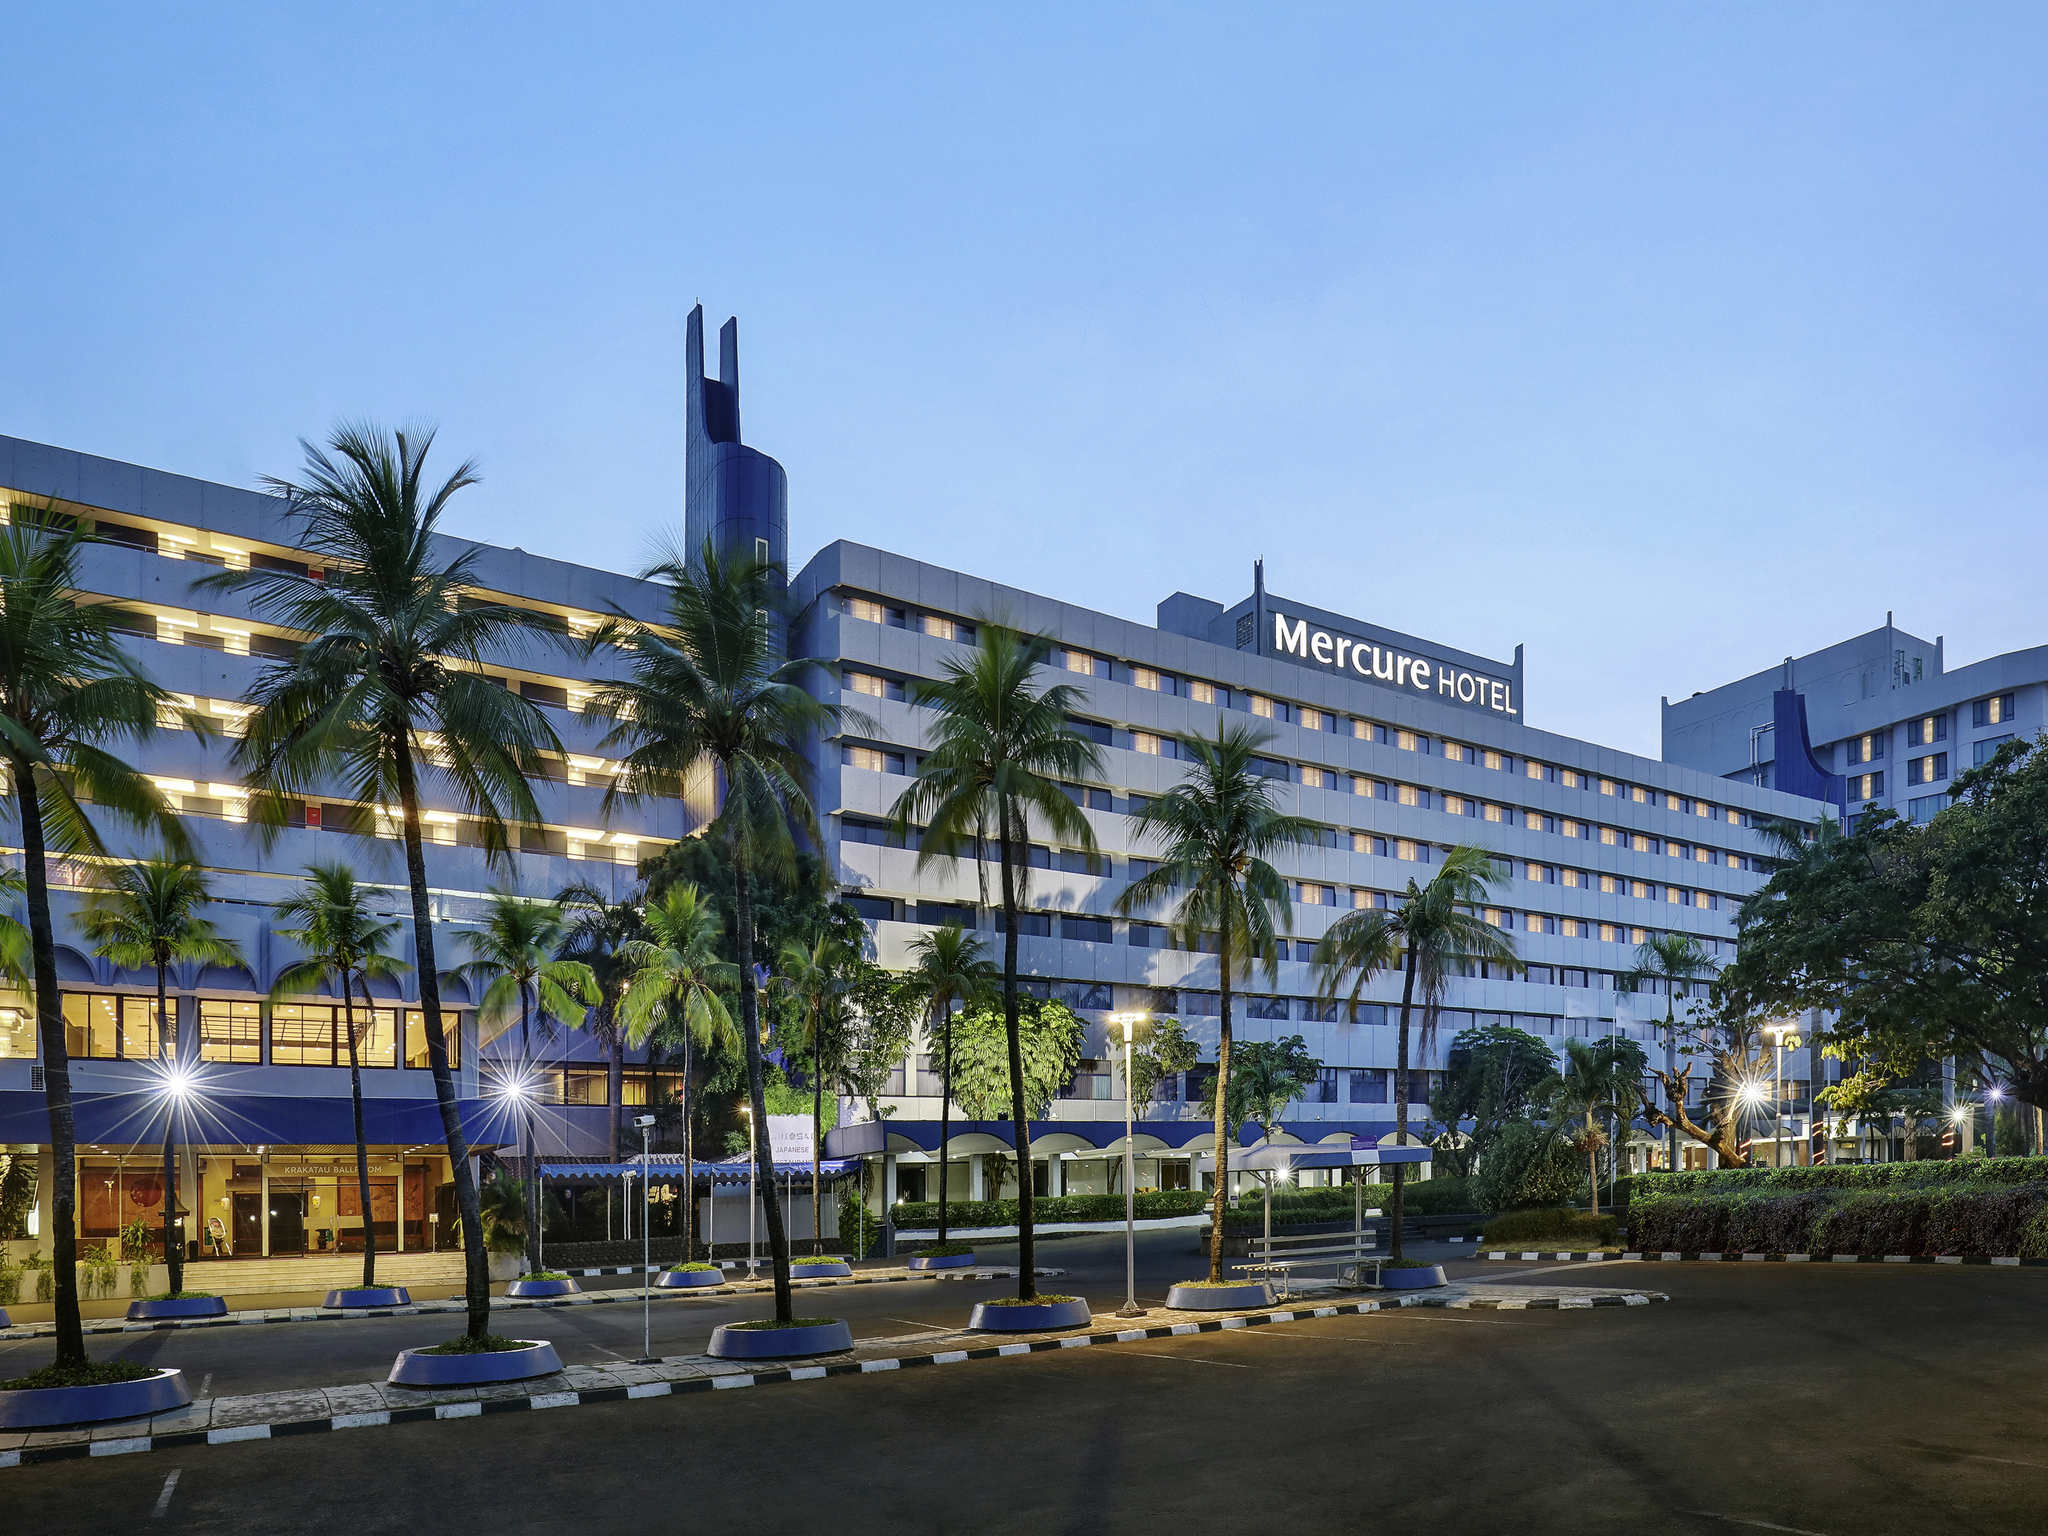 โรงแรม – เมอร์เคียว คอนเวนชั่น เซ็นเตอร์ อันโคล